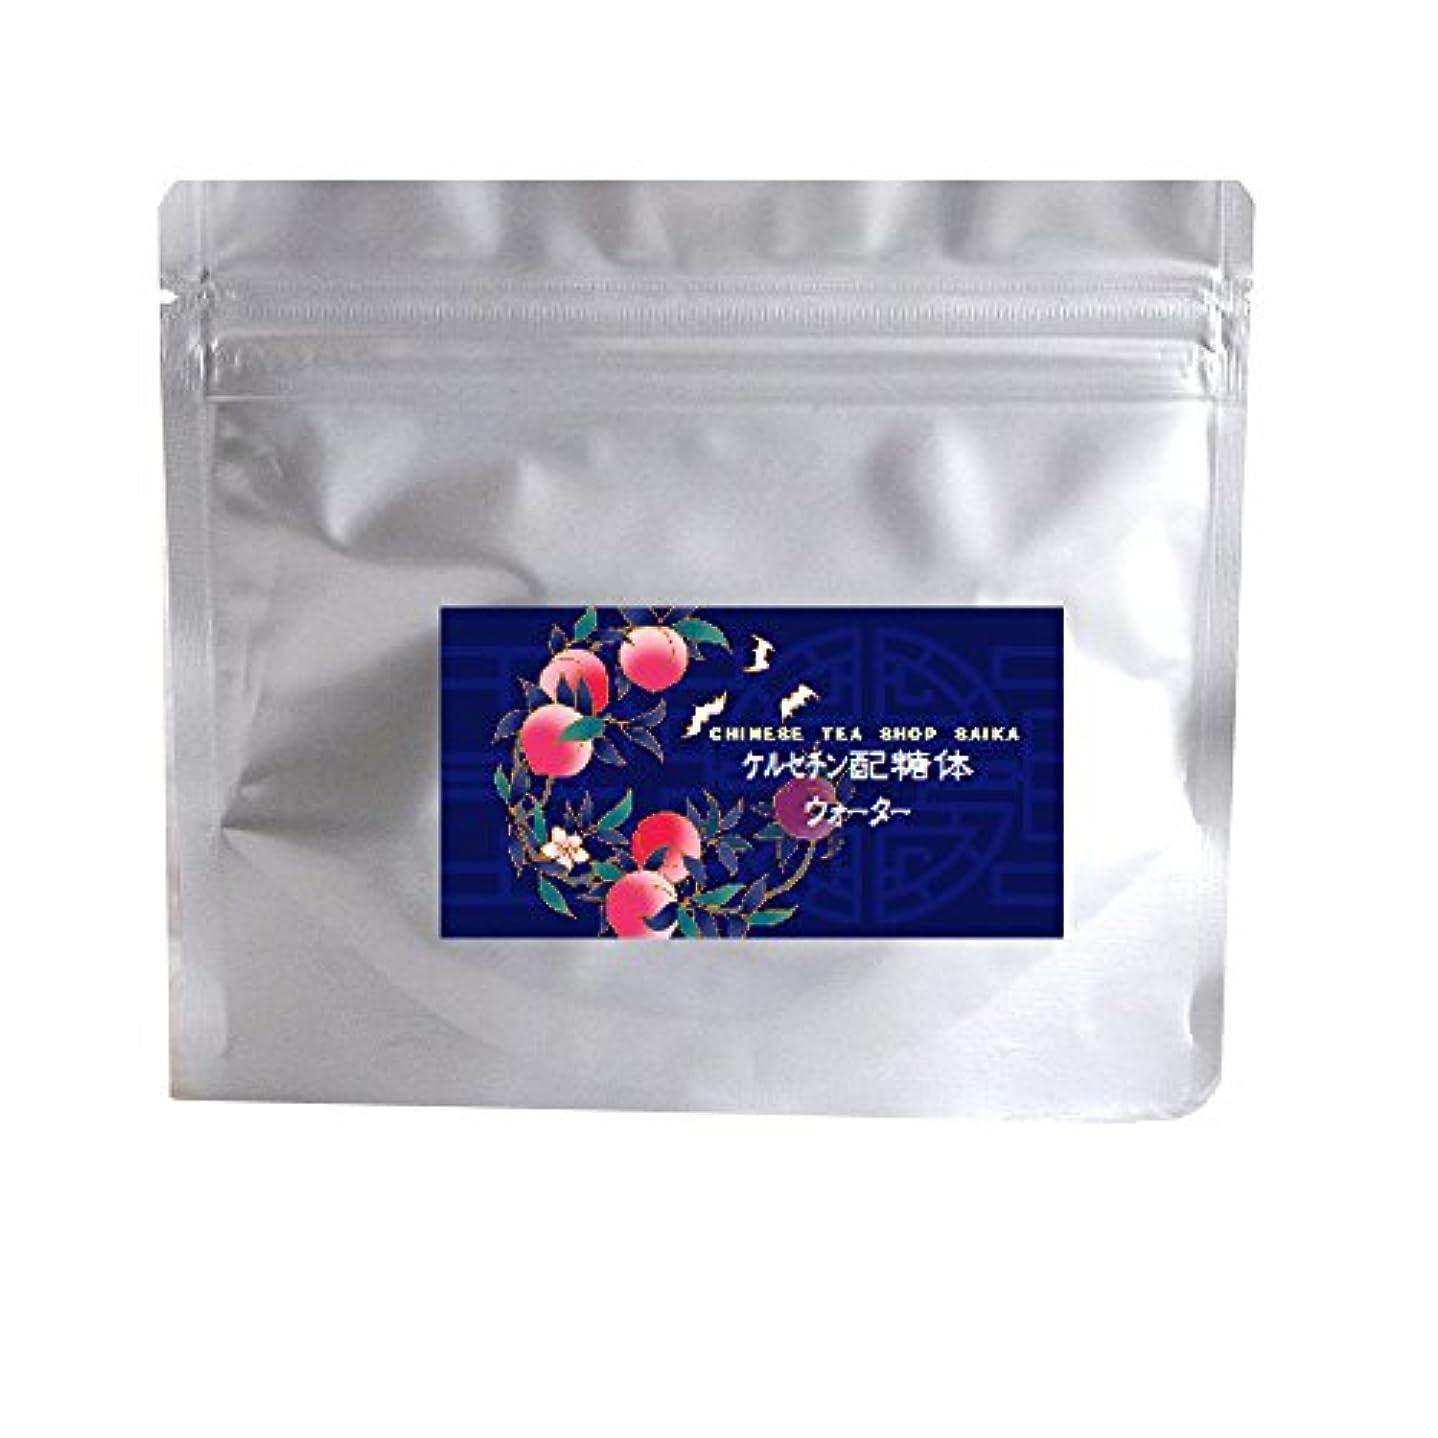 酸っぱい広々コロニーケルセチン配糖体ウォーター72g